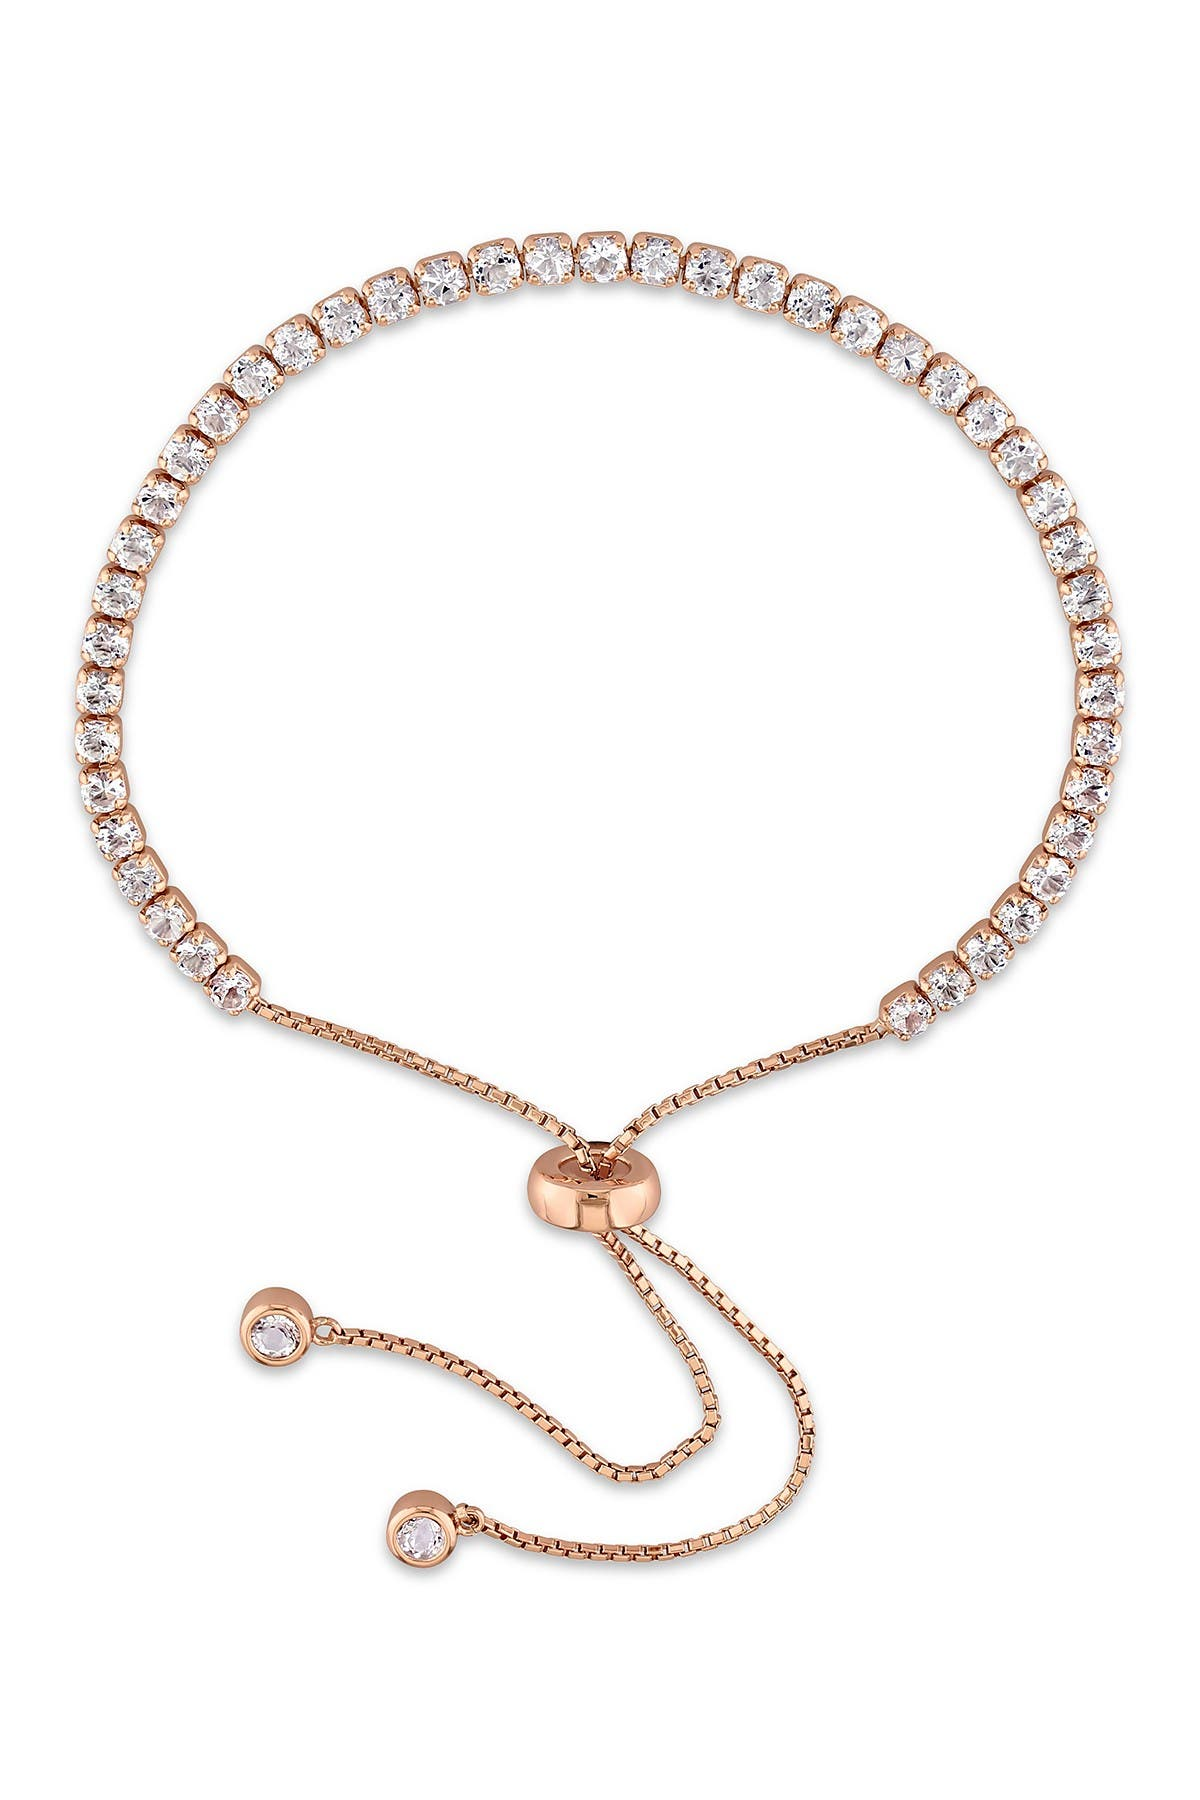 Image of Delmar Pink Plated Sterling Silver White Topaz Adjustable Tassel Bracelet